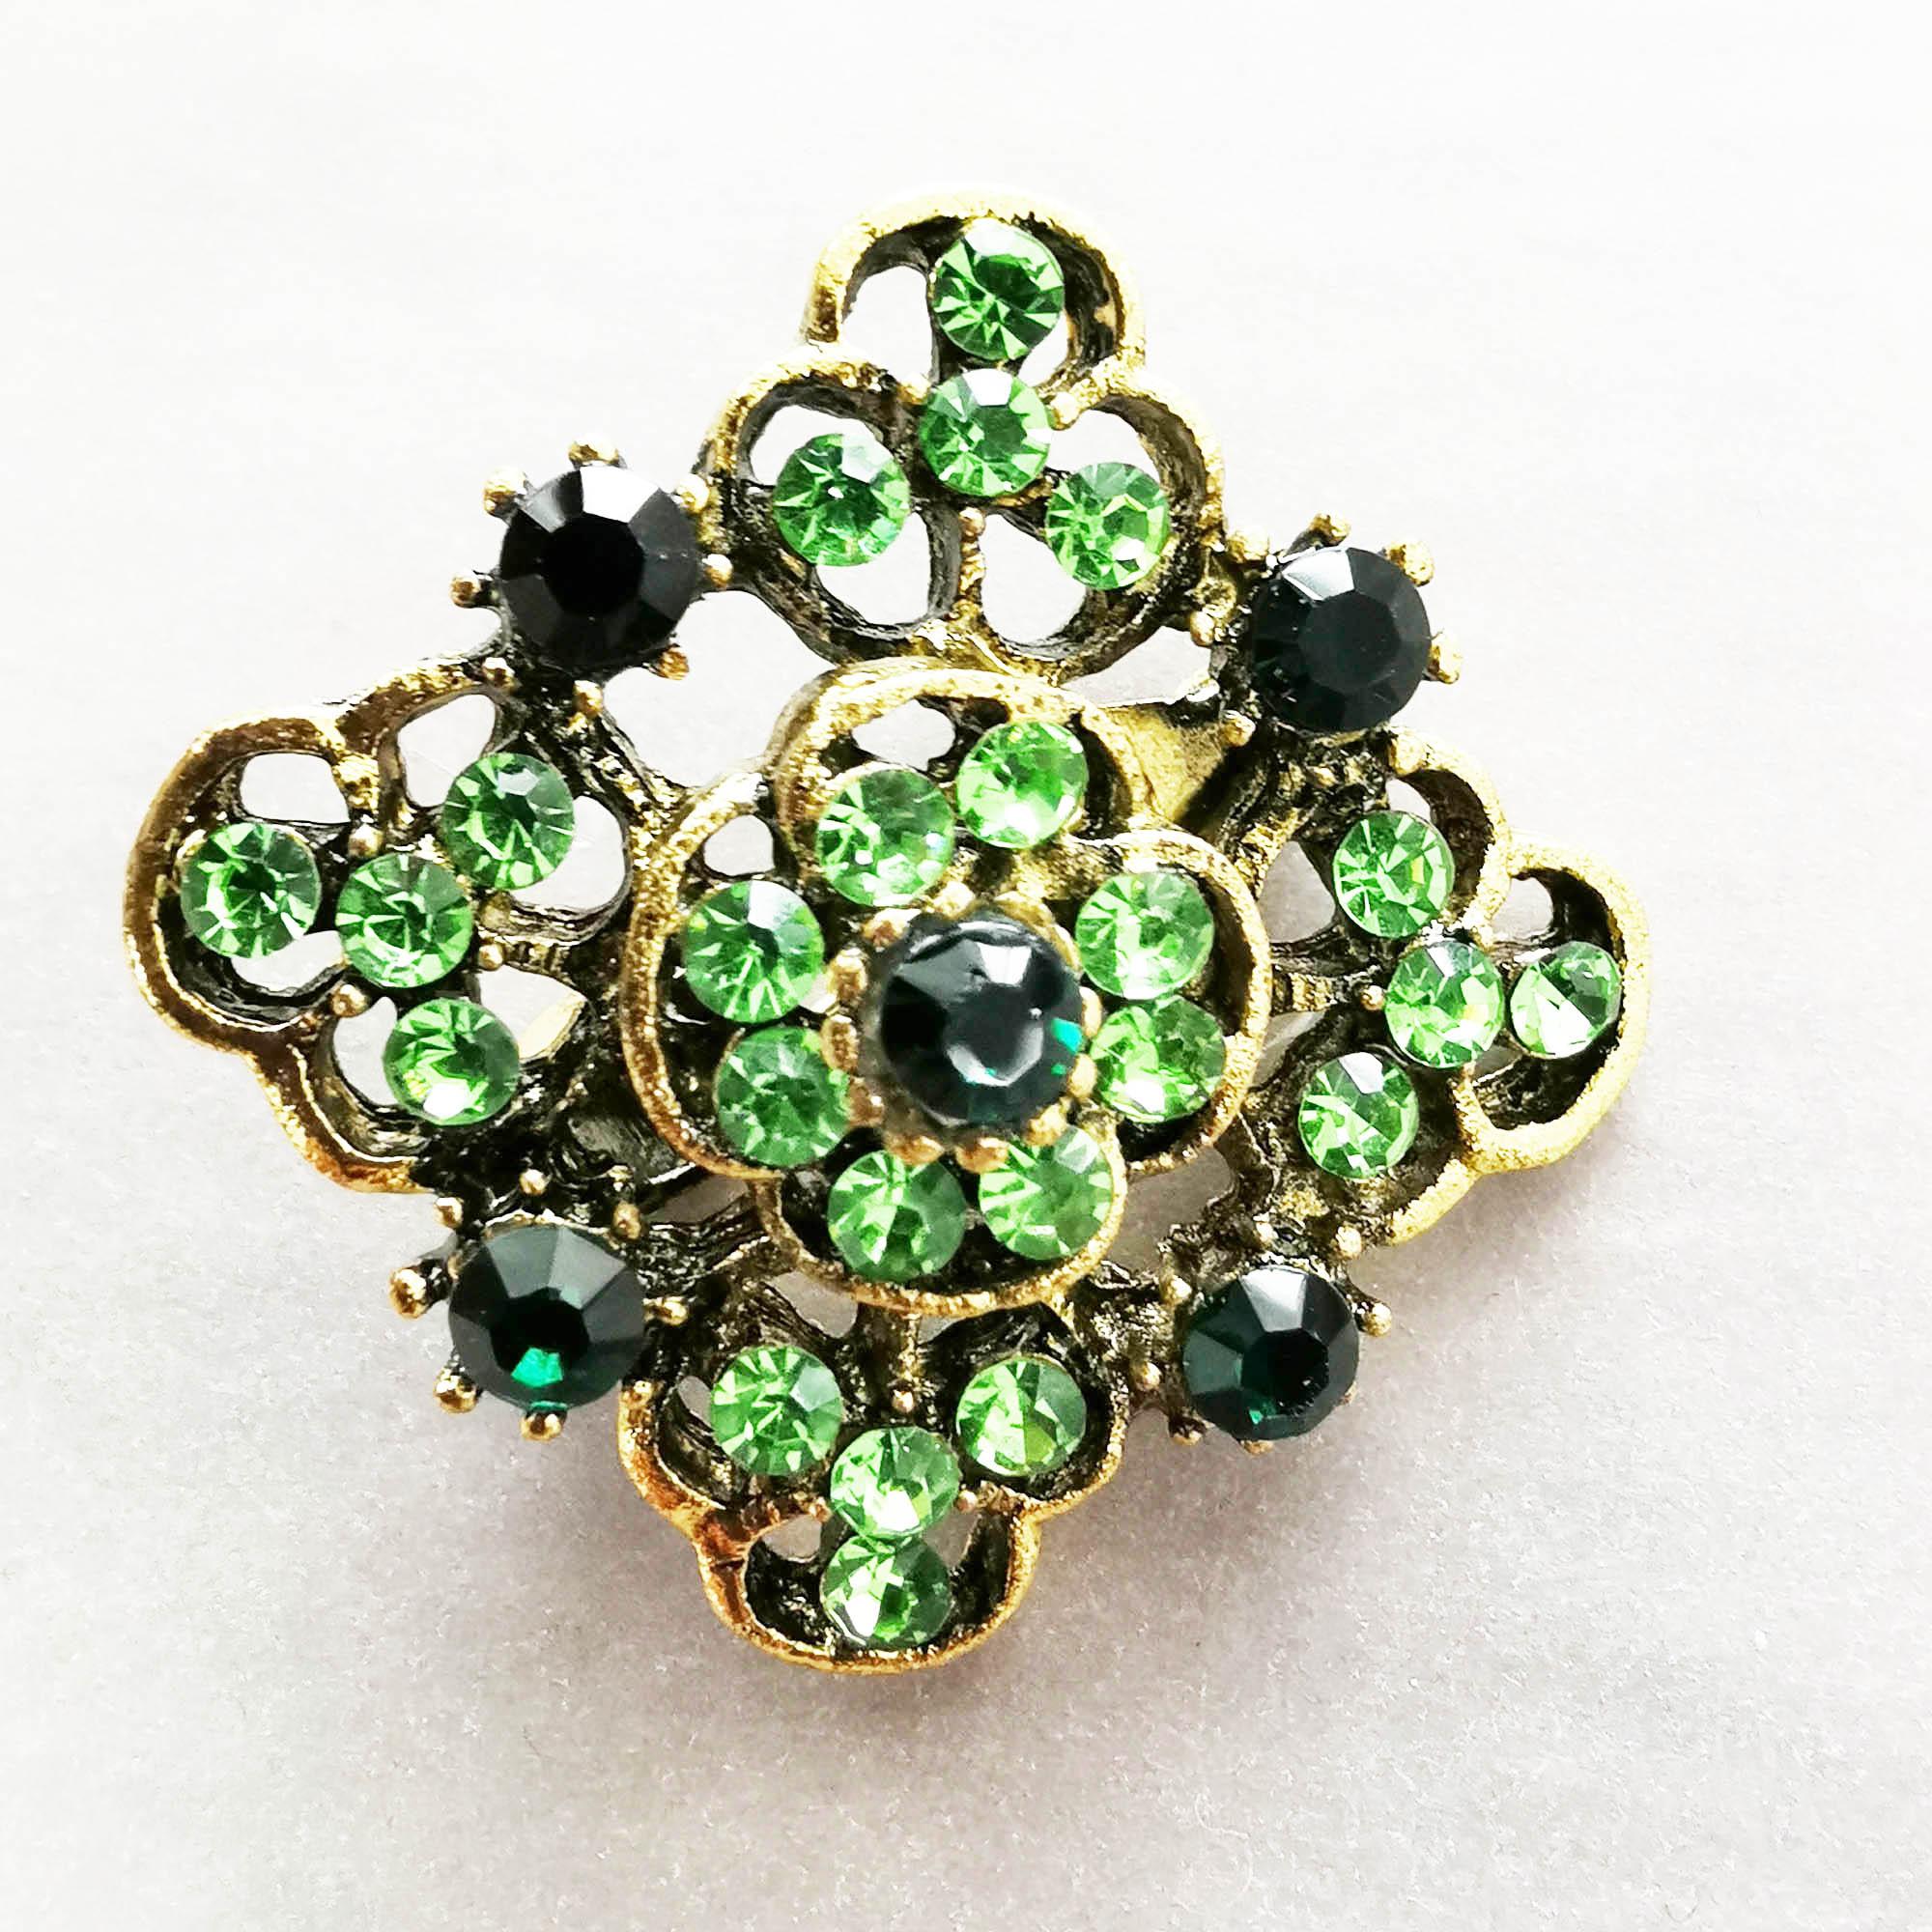 Green vintage diamante brooch